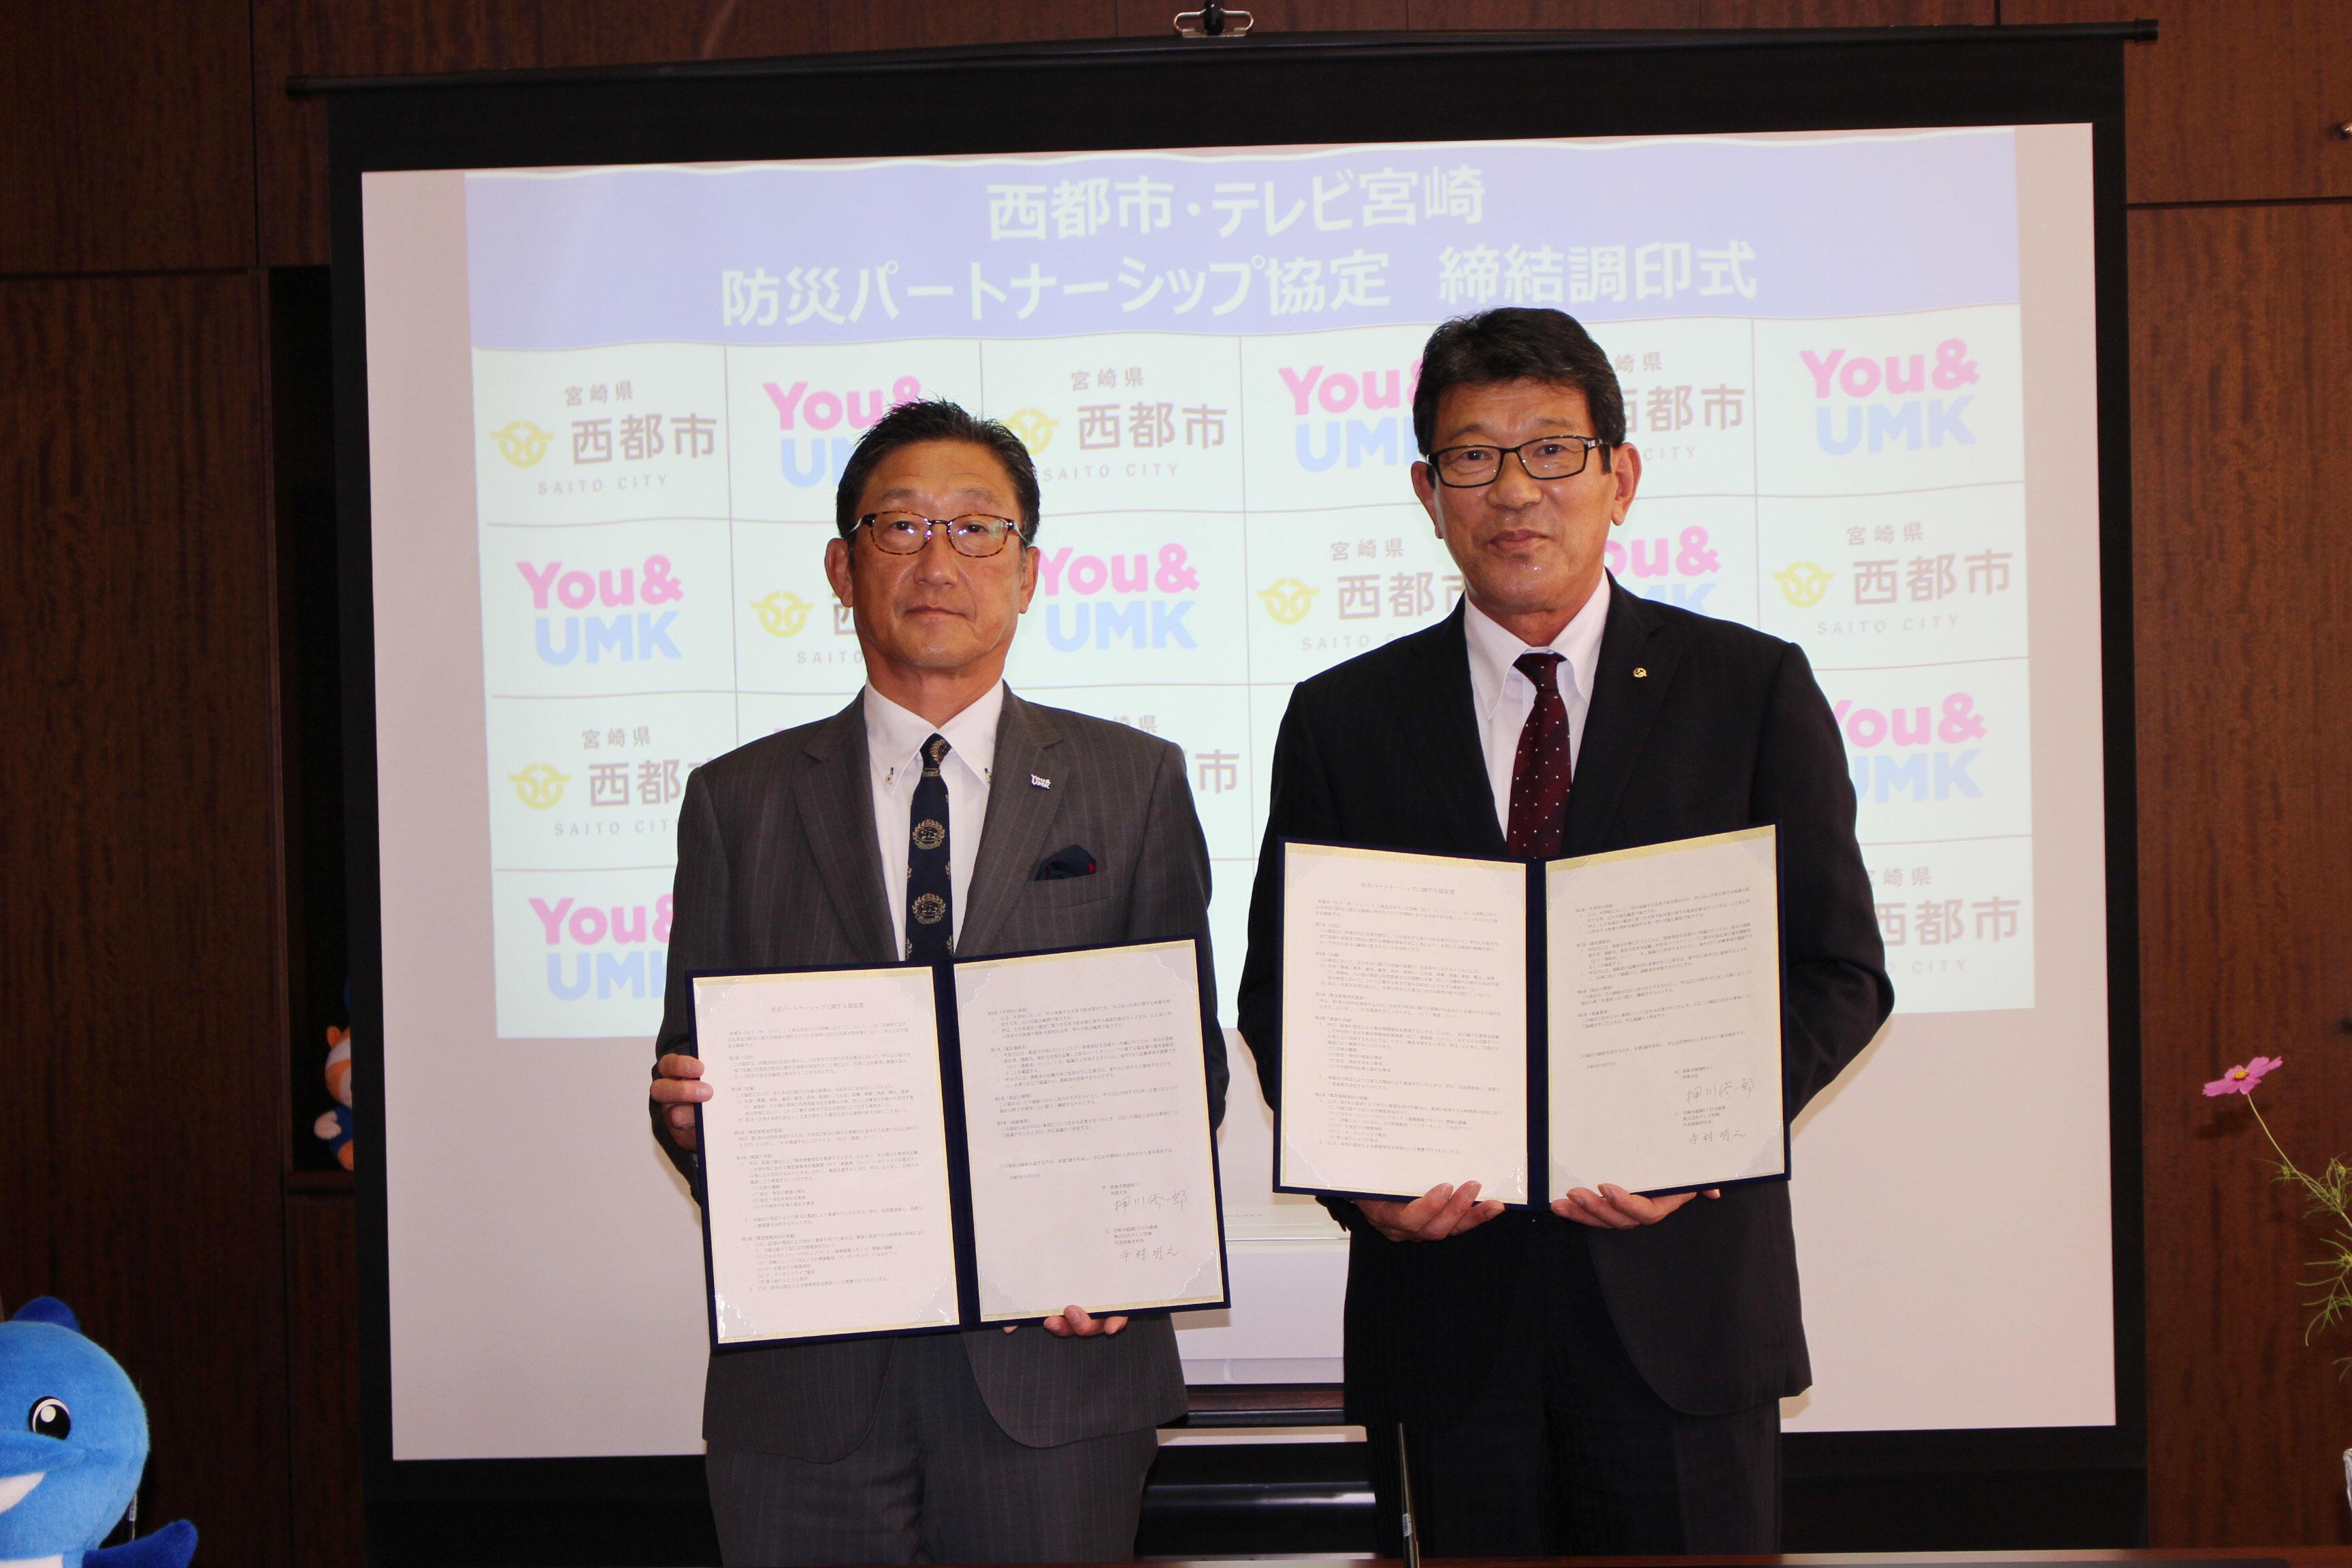 西都市と防災パートナーシップに関する協定を締結